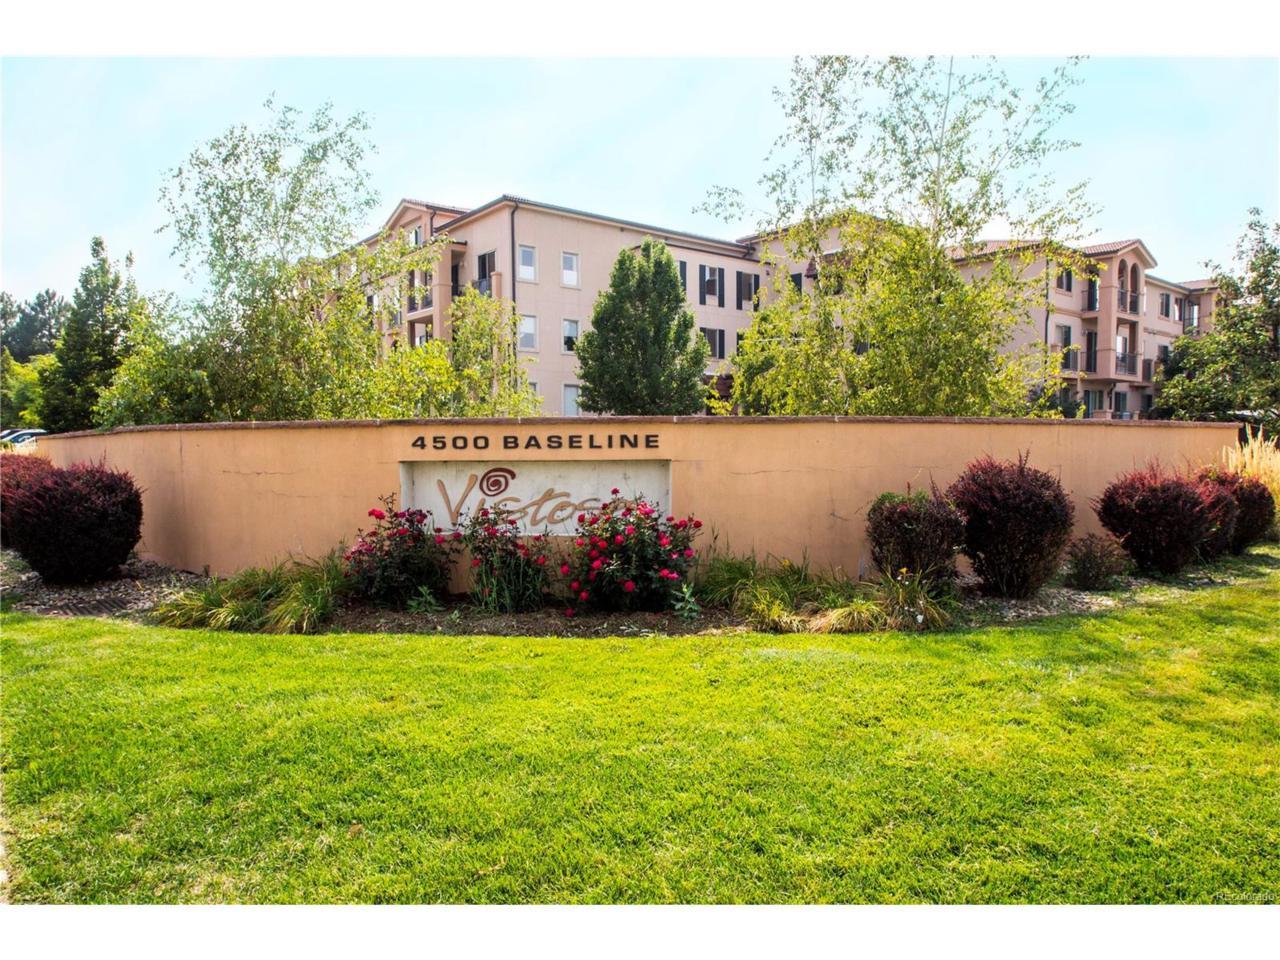 4500 Baseline Road #2301, Boulder, CO 80303 (MLS #6479326) :: 8z Real Estate